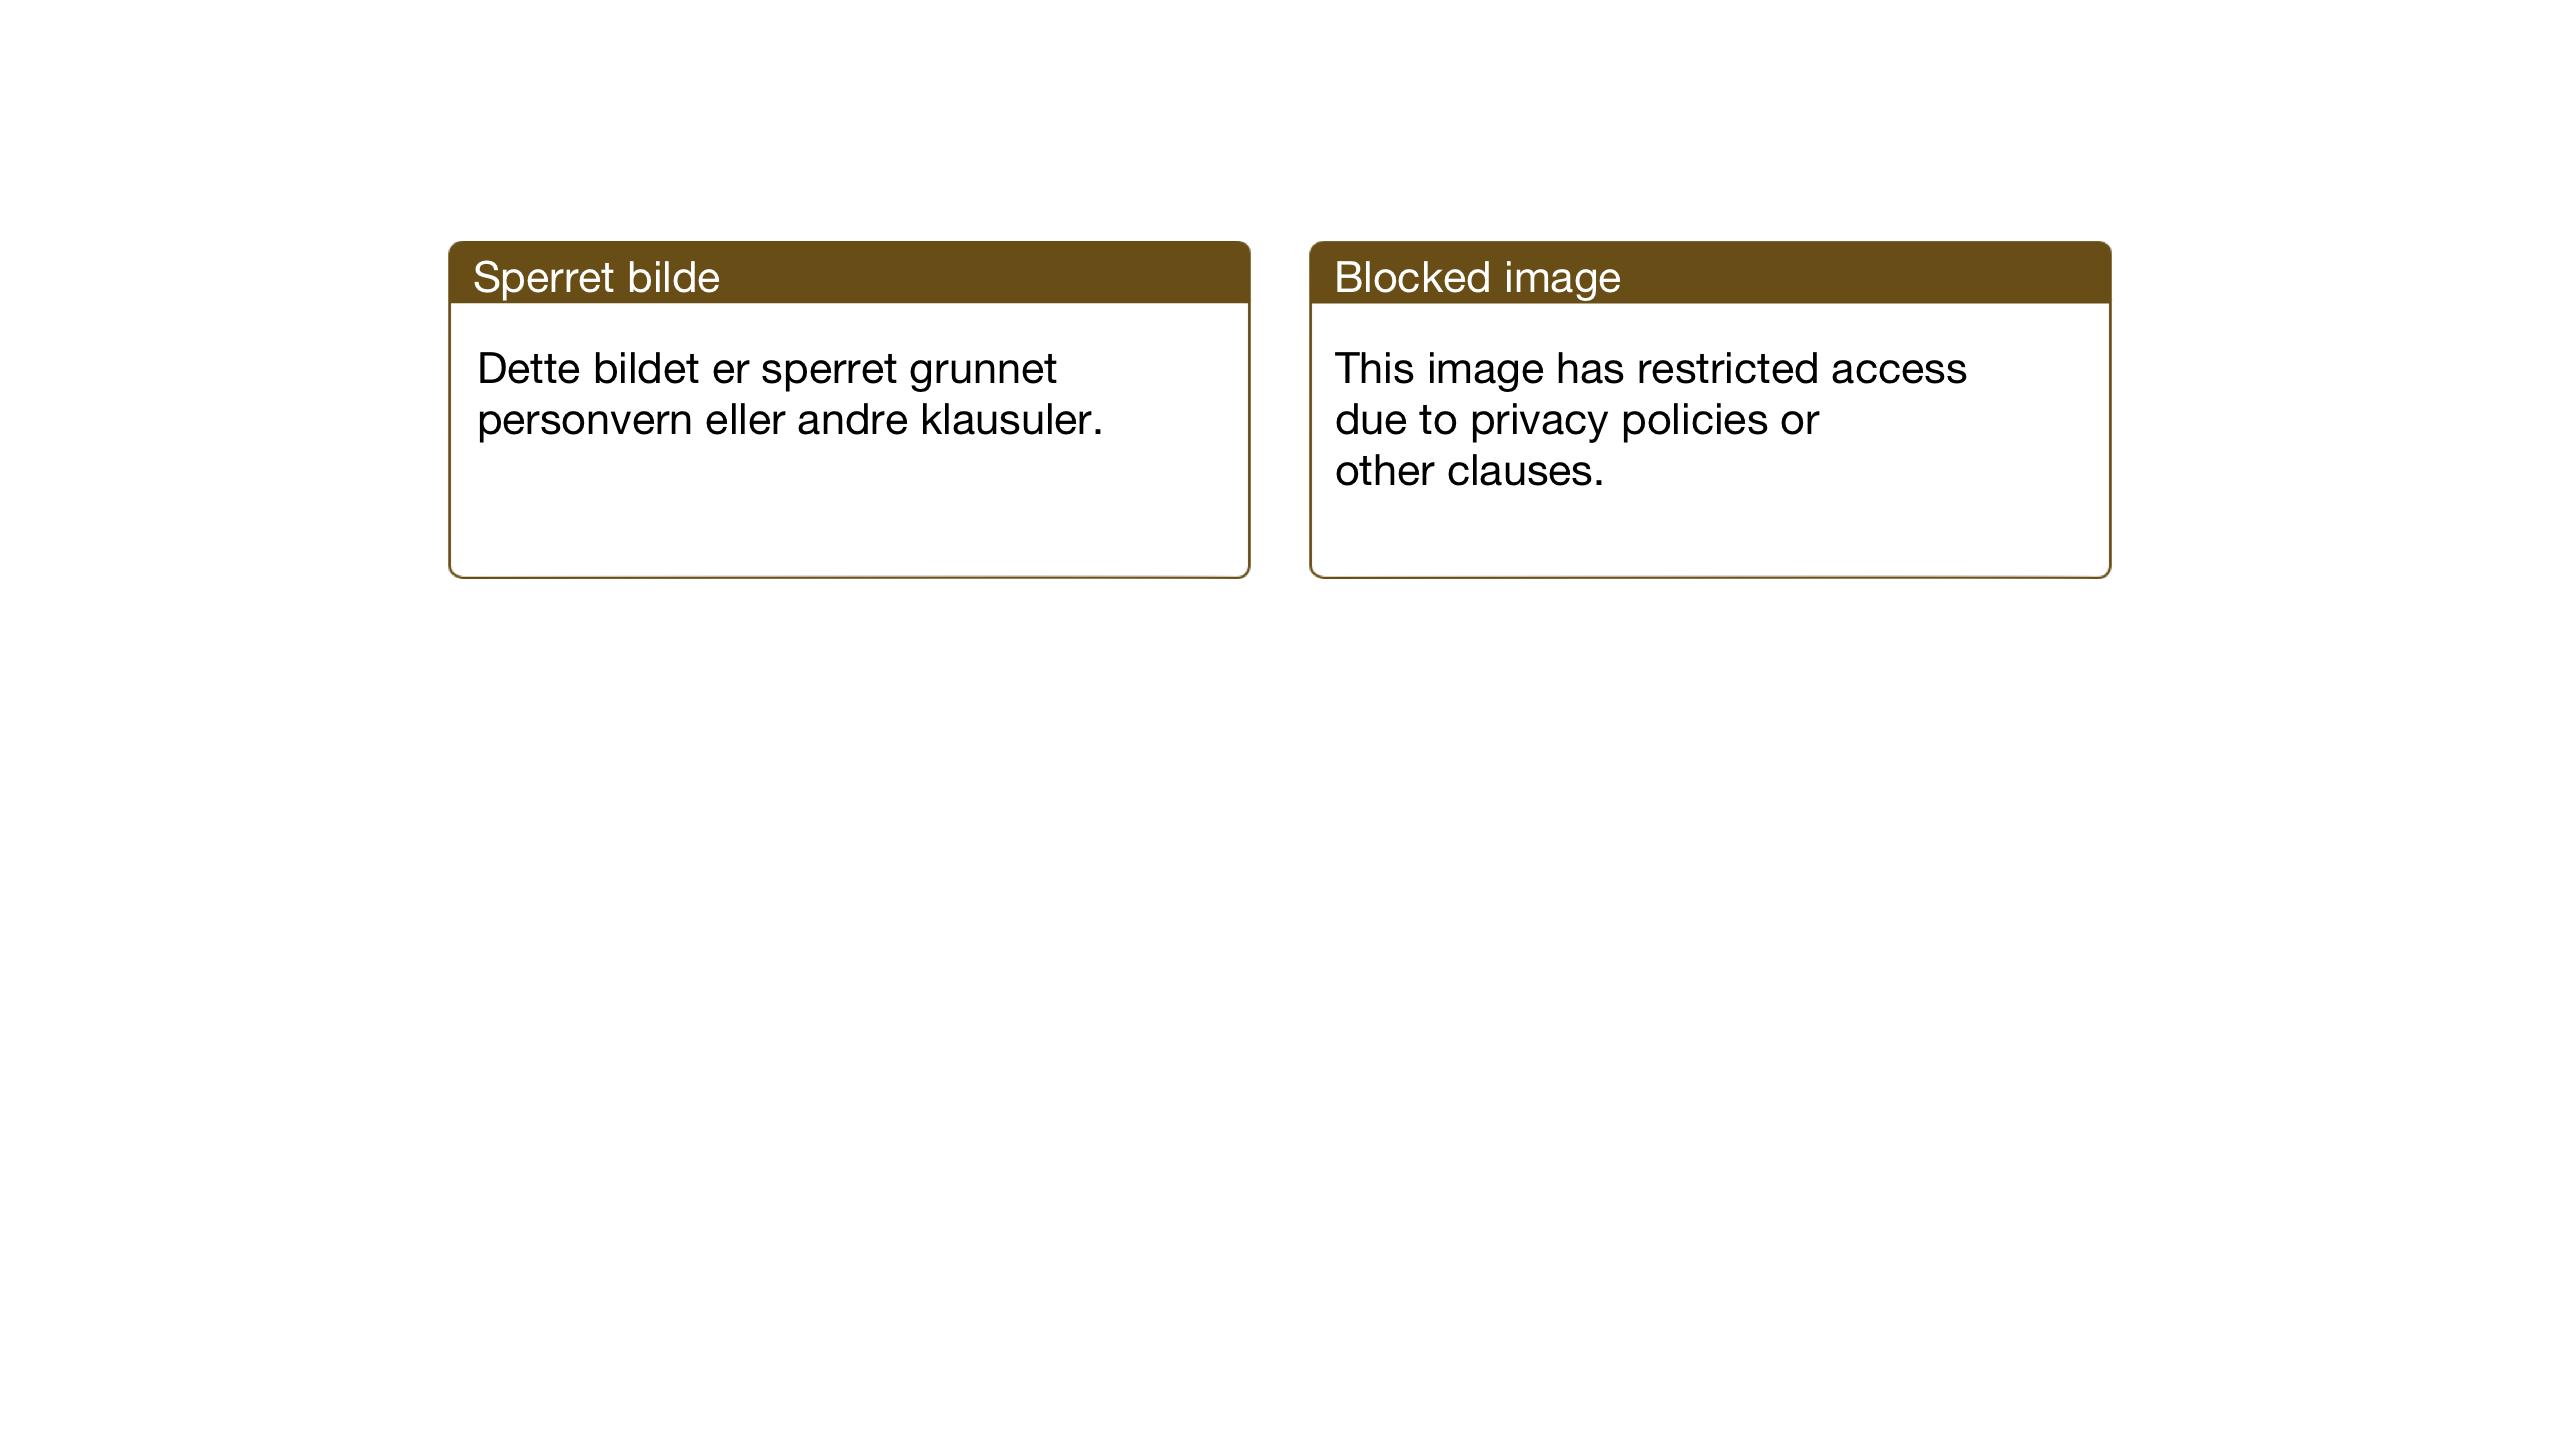 SAT, Ministerialprotokoller, klokkerbøker og fødselsregistre - Nord-Trøndelag, 744/L0425: Klokkerbok nr. 744C04, 1924-1947, s. 53